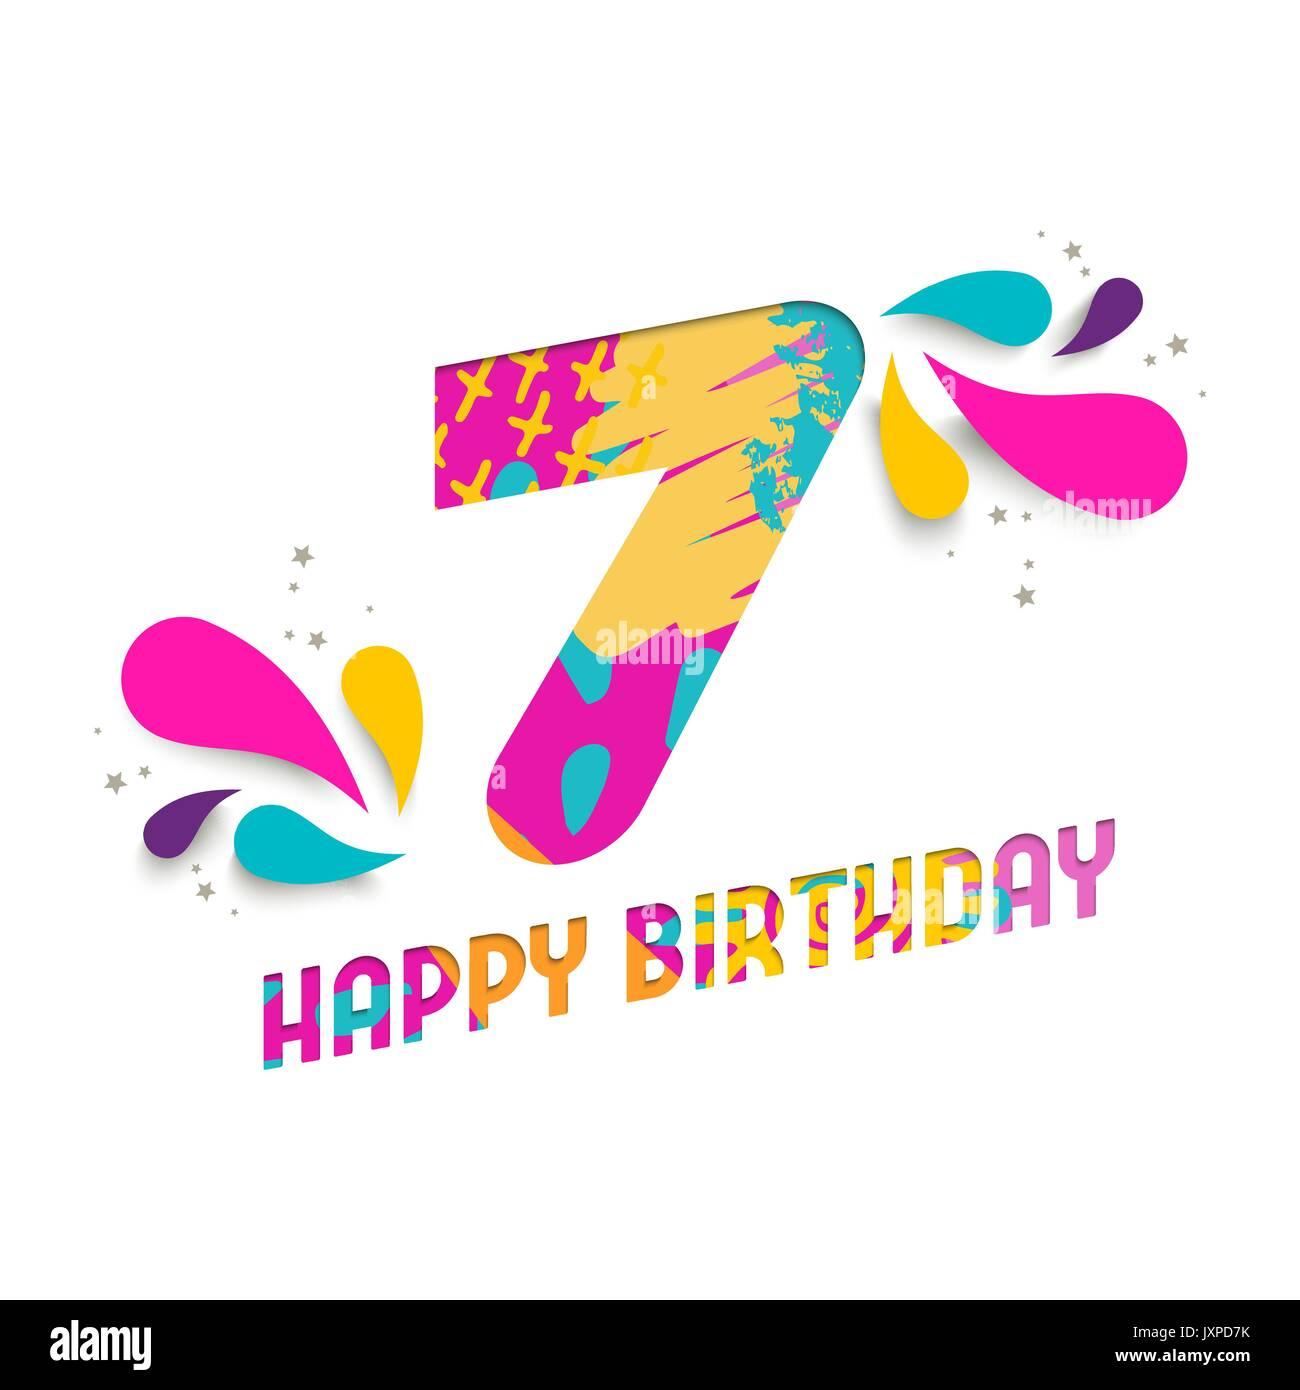 Auguri Buon Compleanno 7 Anni.Buon Compleanno Sette 7 Anno Divertente Taglio Della Carta